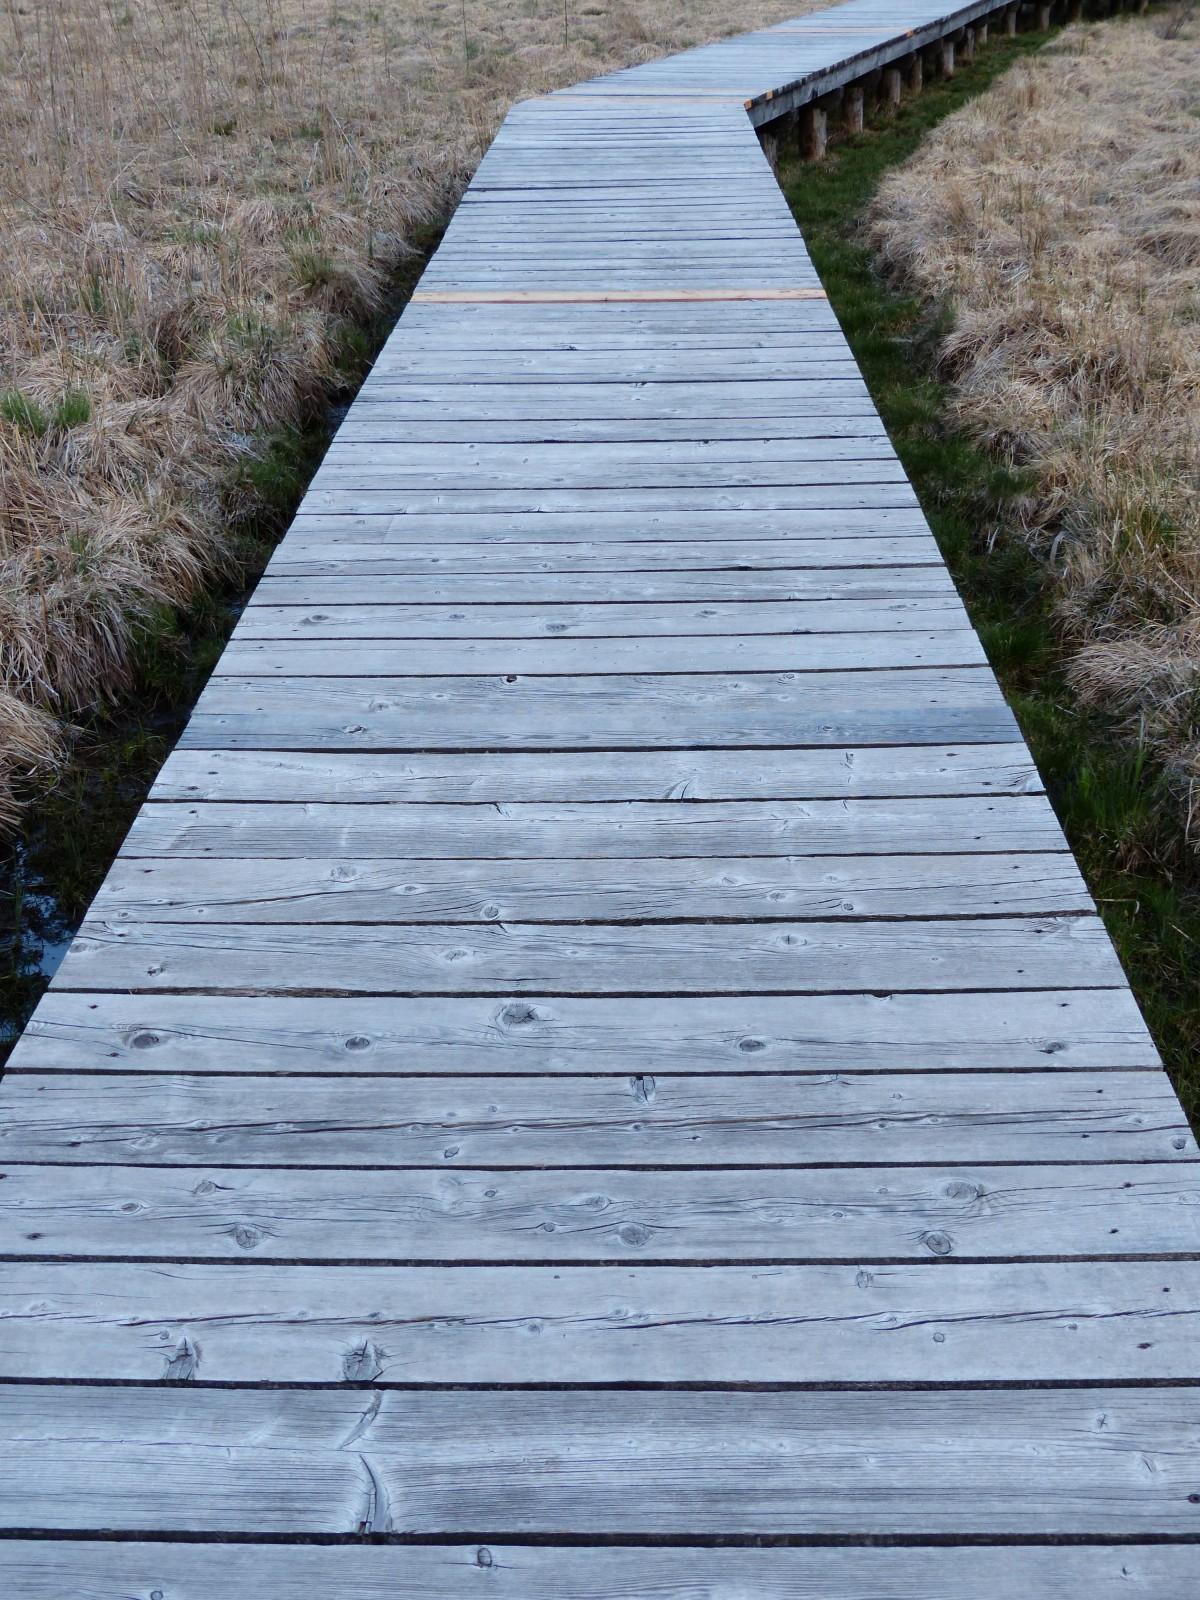 Free Images  swamp boardwalk wood sidewalk roof